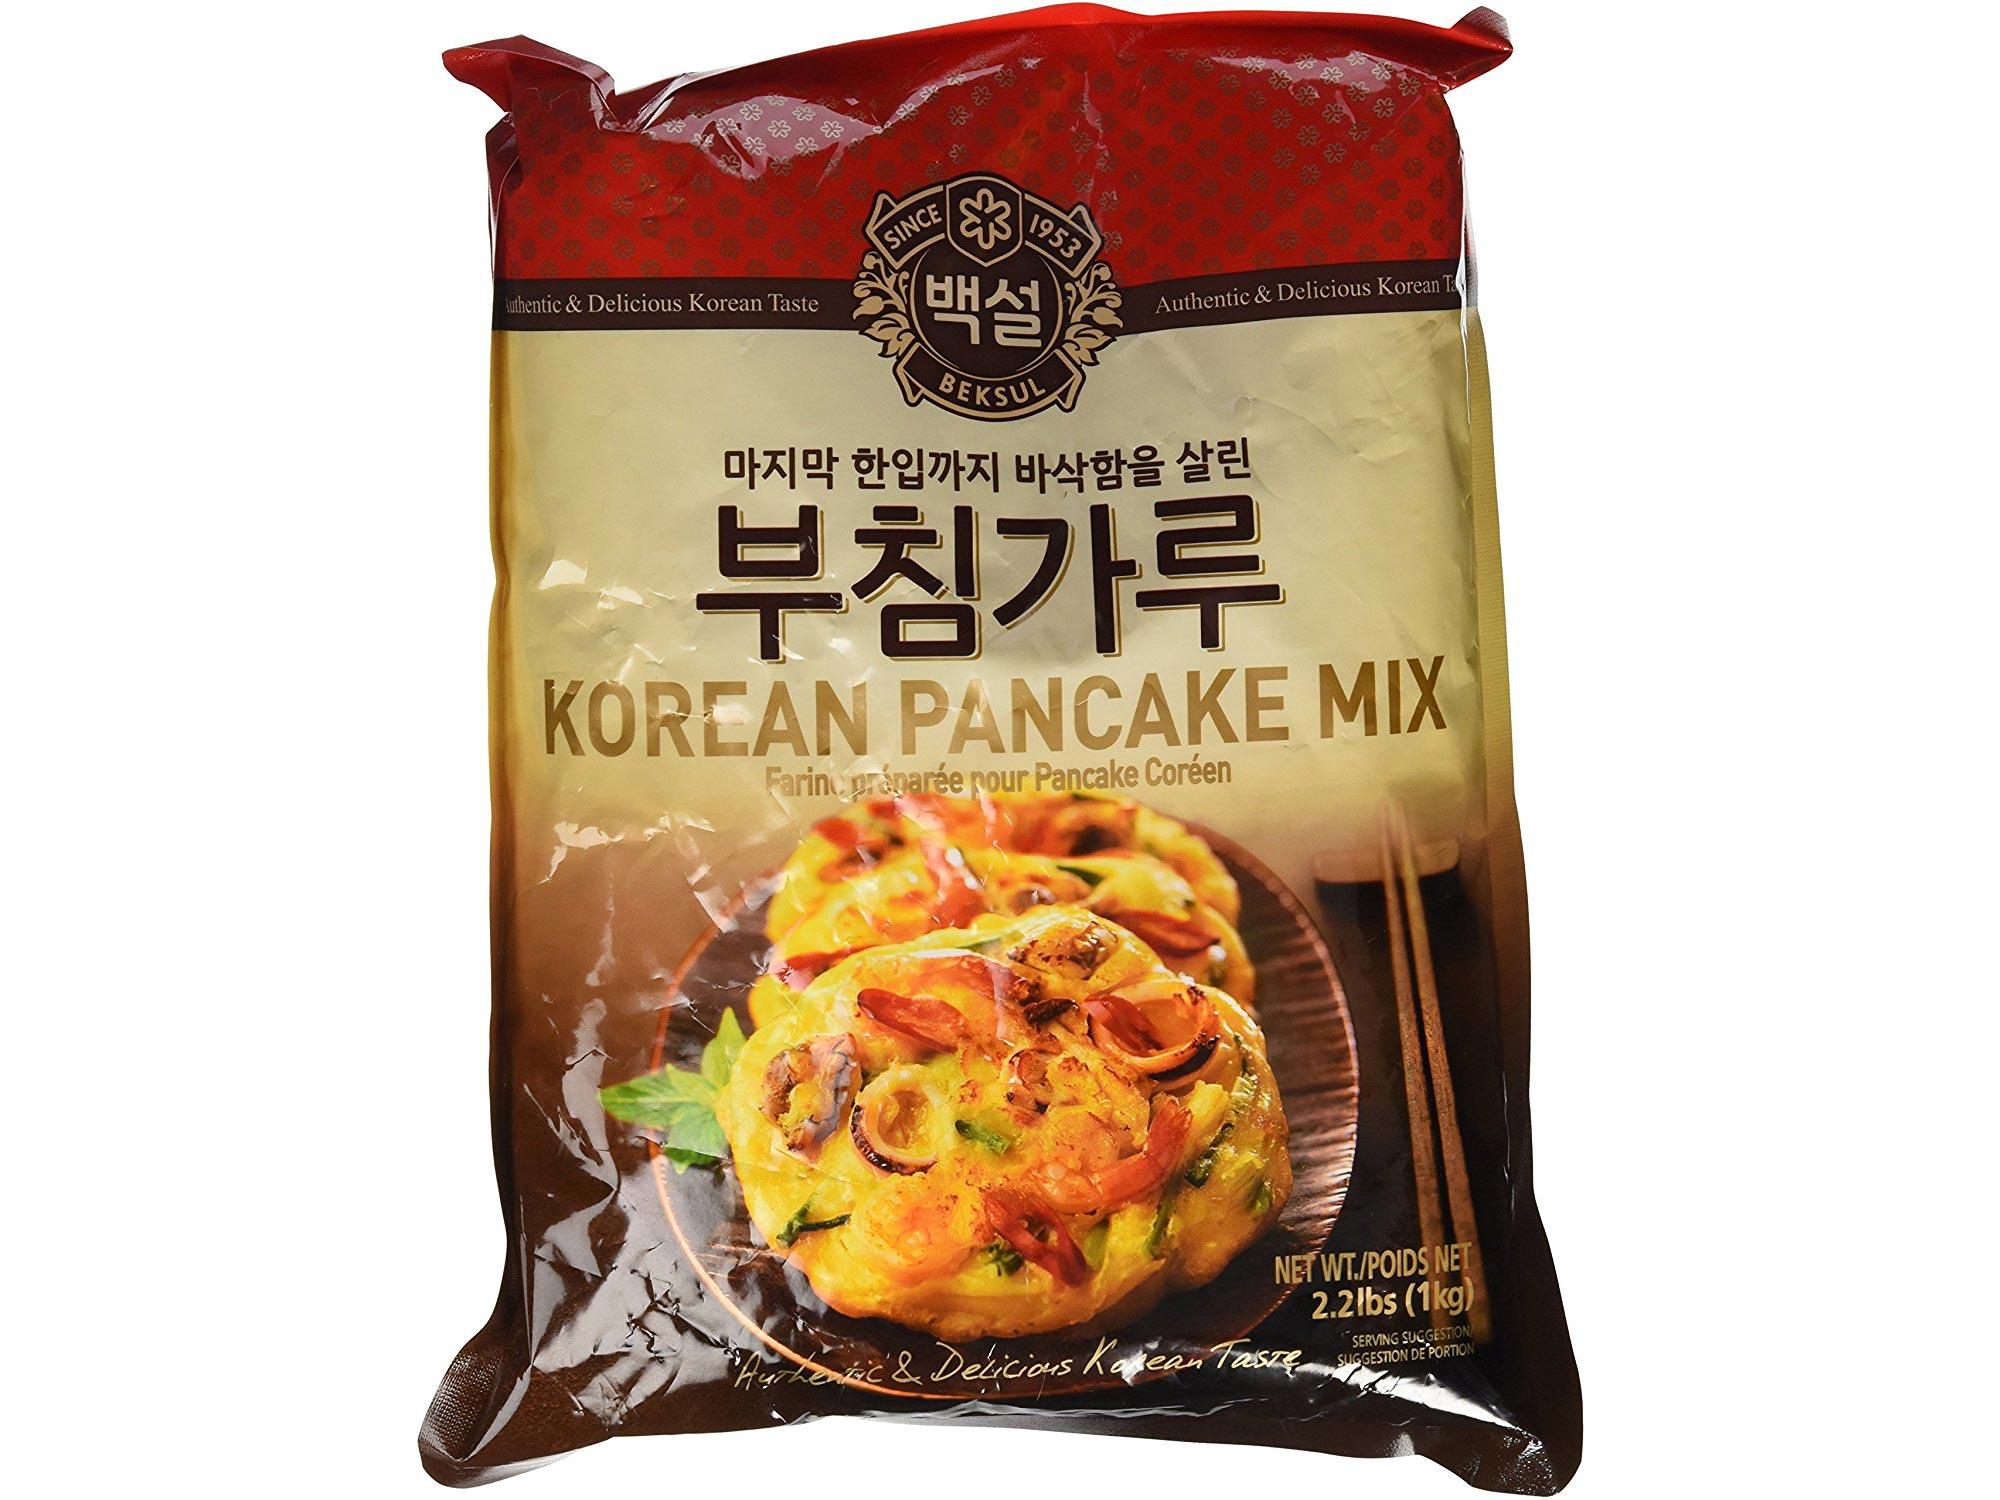 Korean Pancake Mix